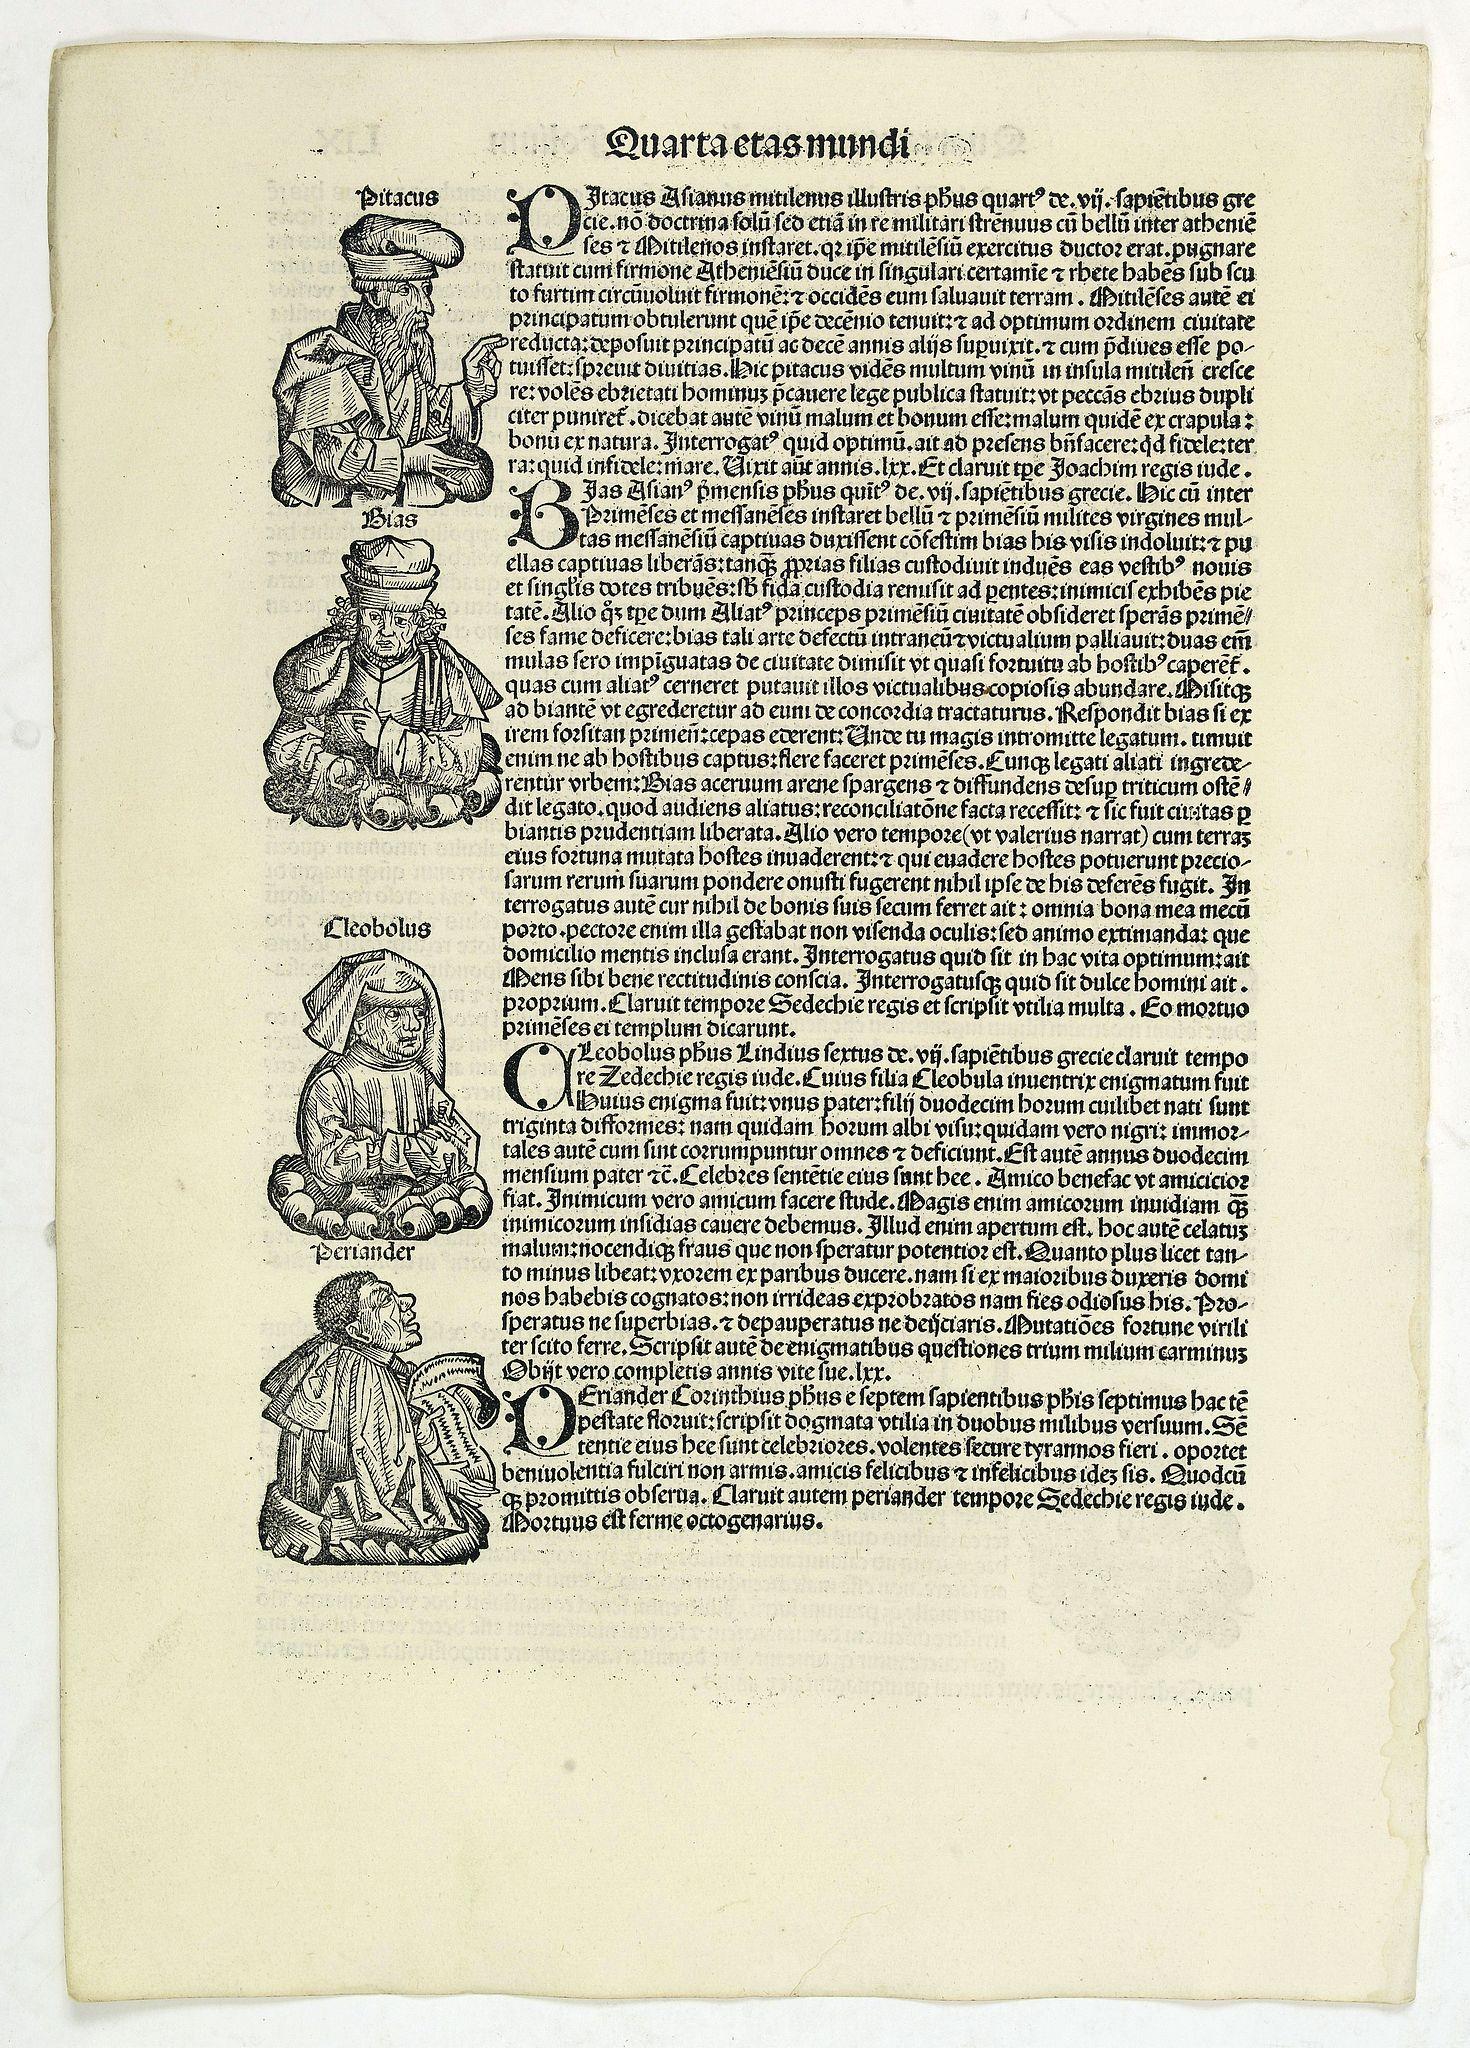 SCHEDEL, H. -  Quarta Etas Mundi. Folium. LIX